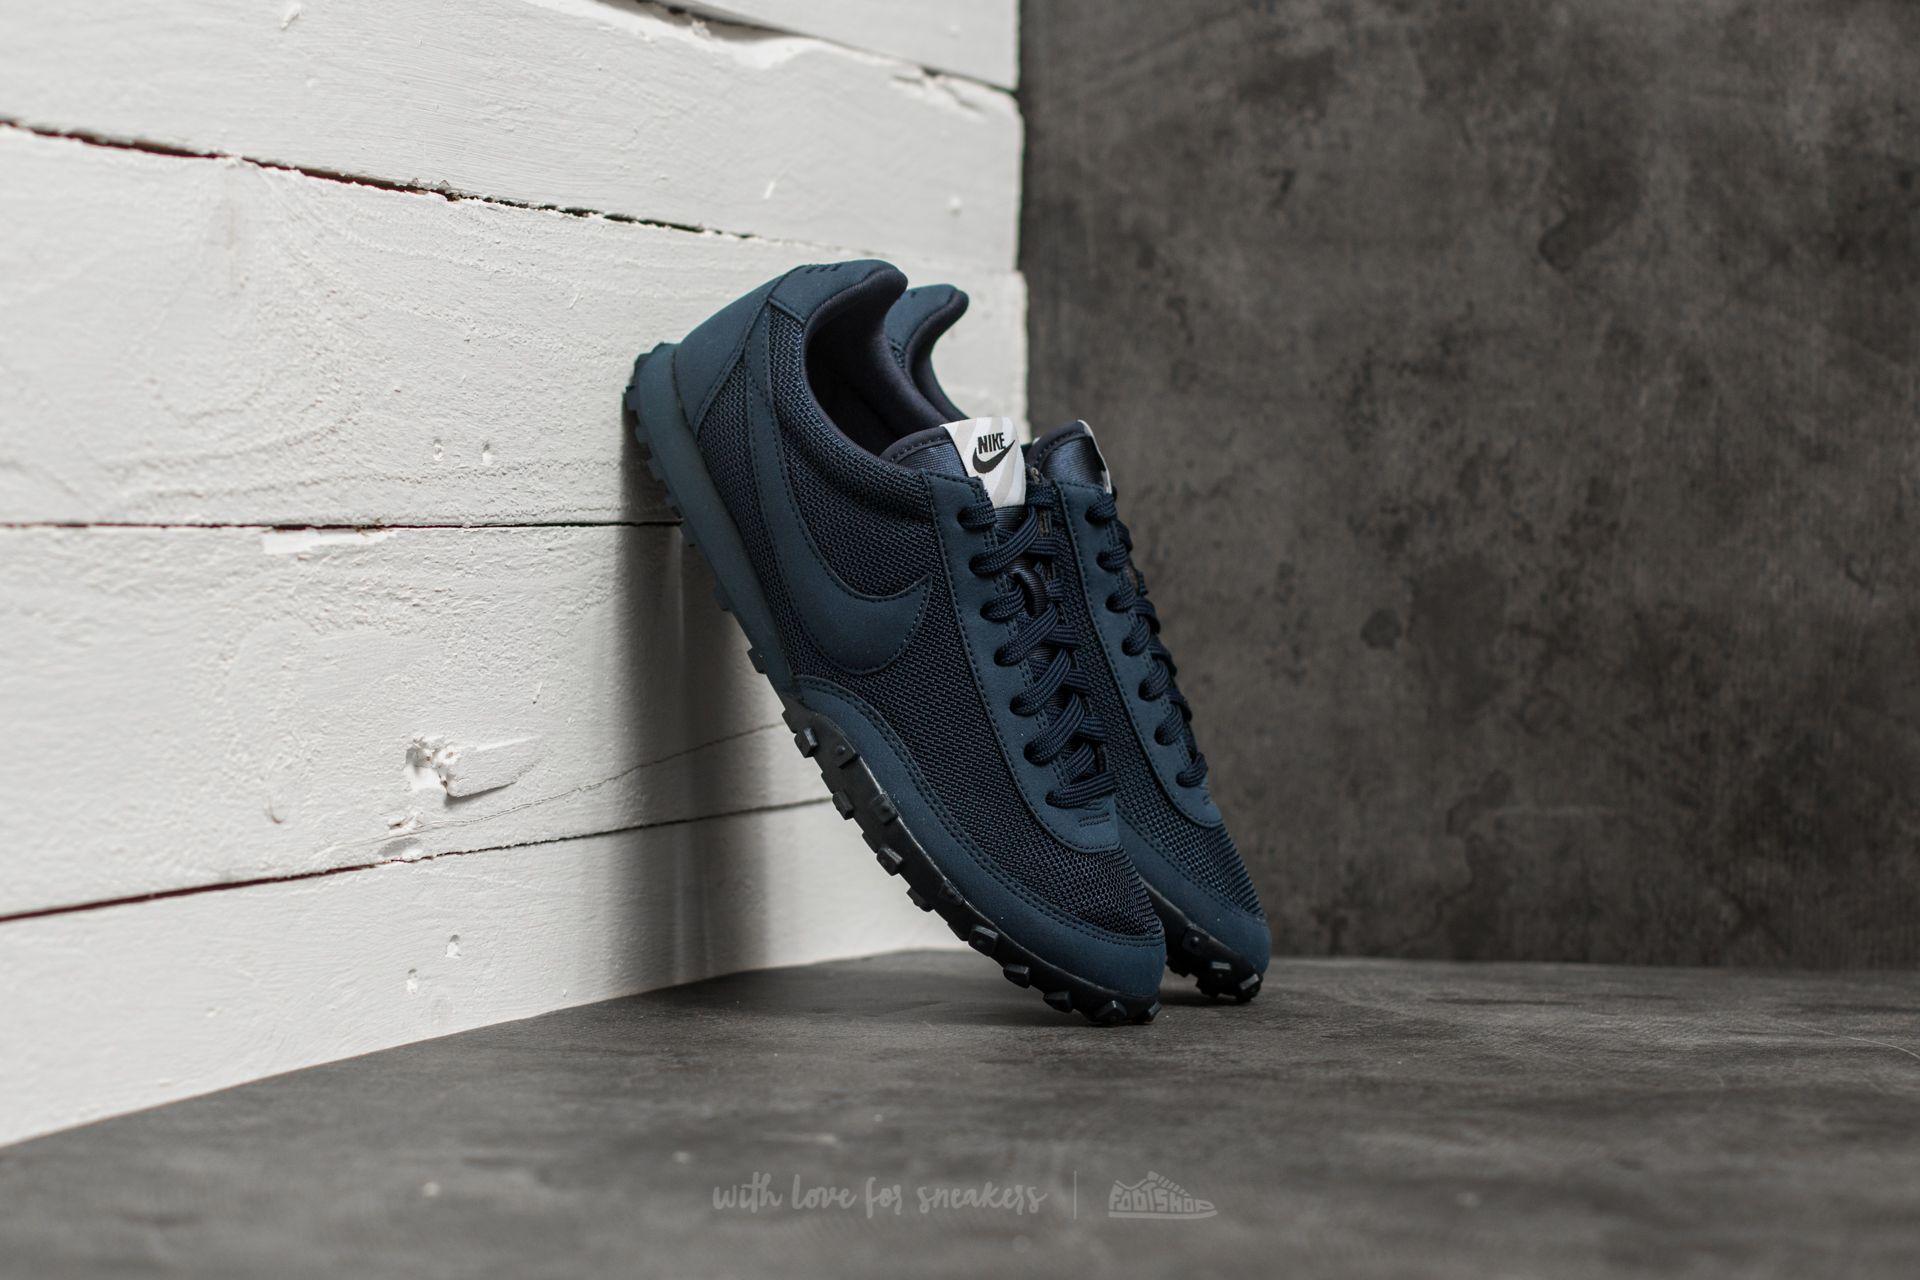 obturador Para construir Definición  Men's shoes Nike Waffle Racer ´17 Premium Obsidian/ Obsidian-Neutral Grey |  Footshop